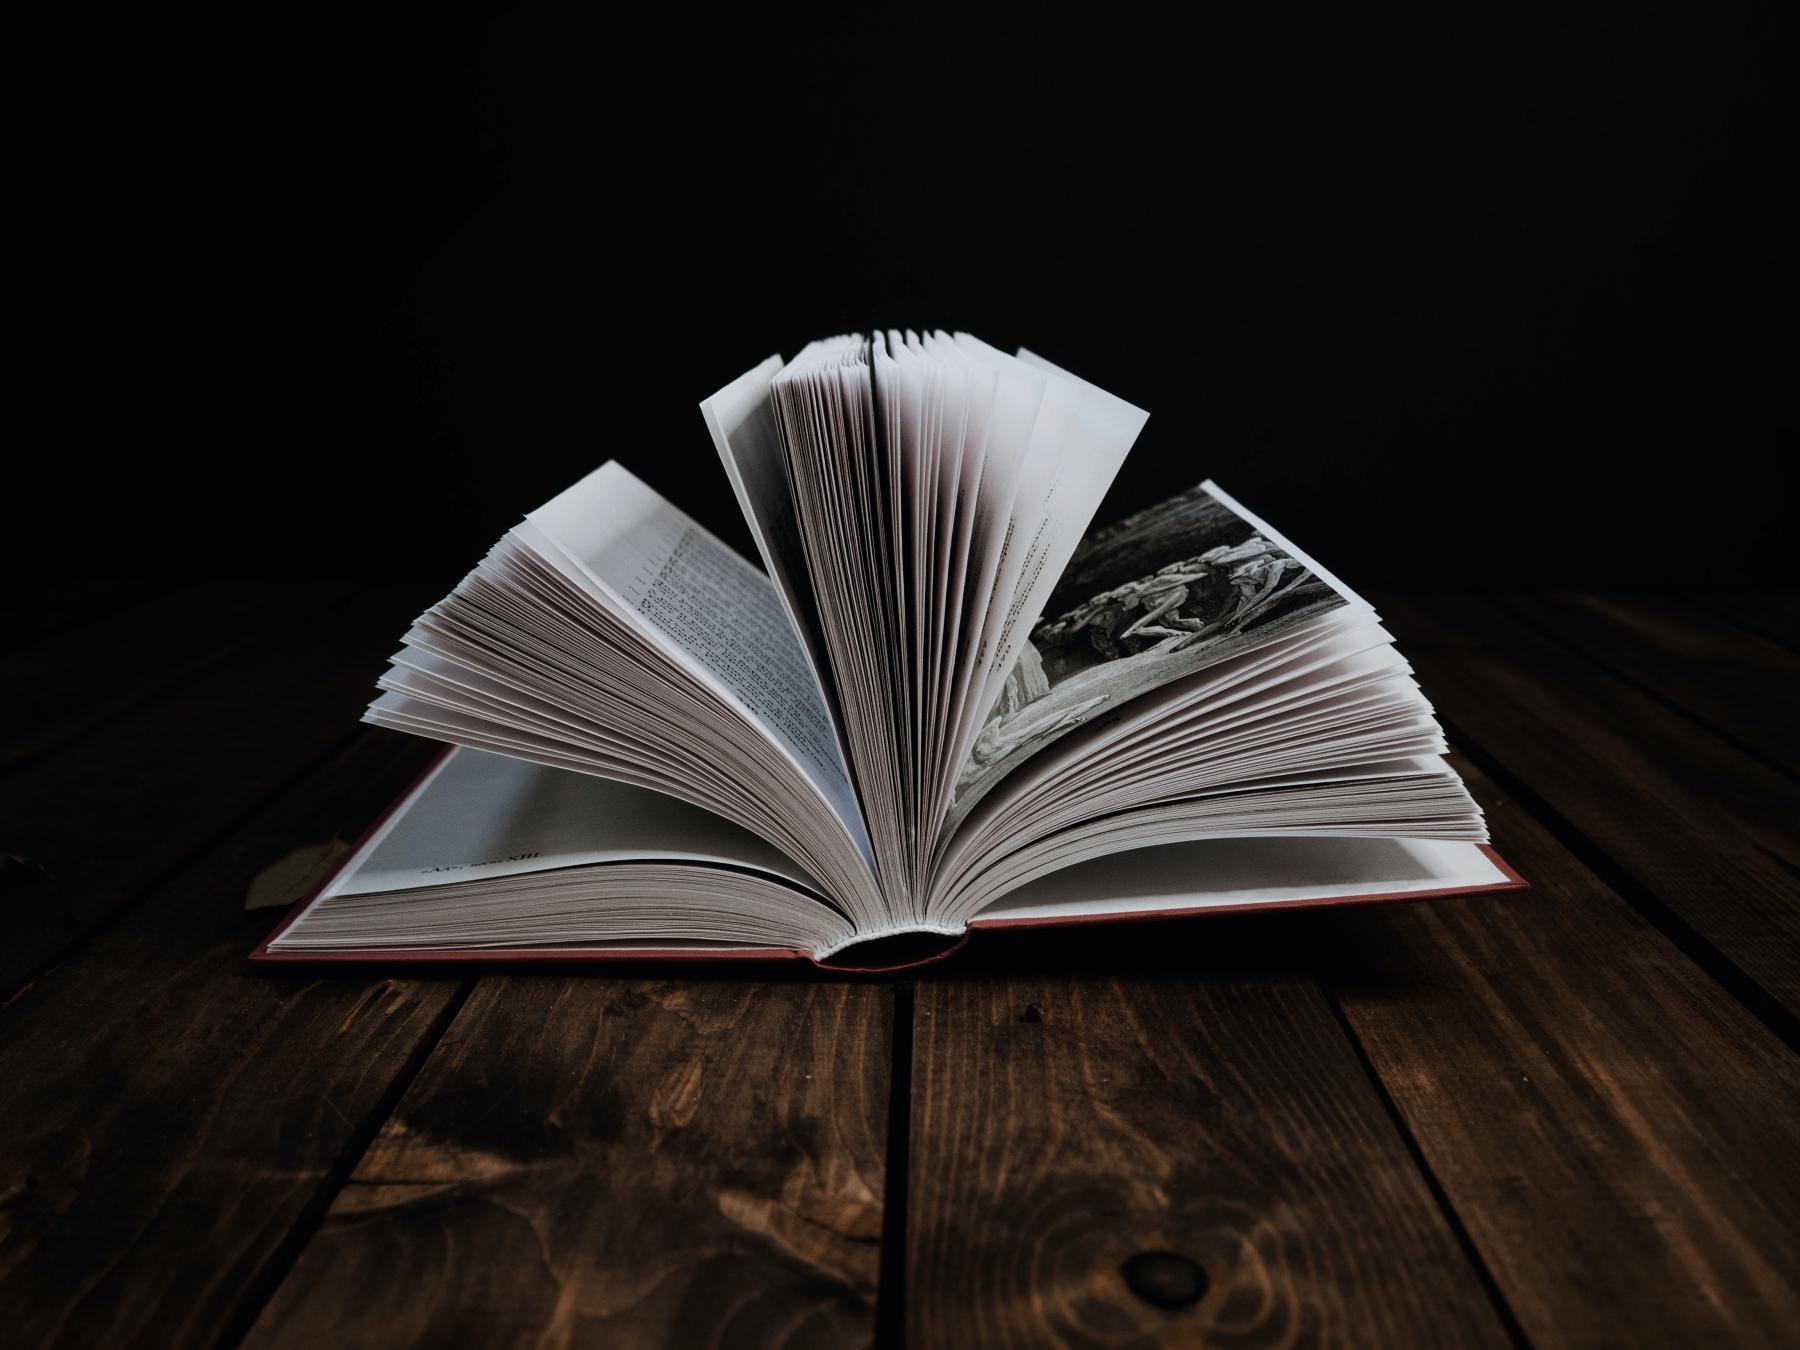 Развернутая книга на столе